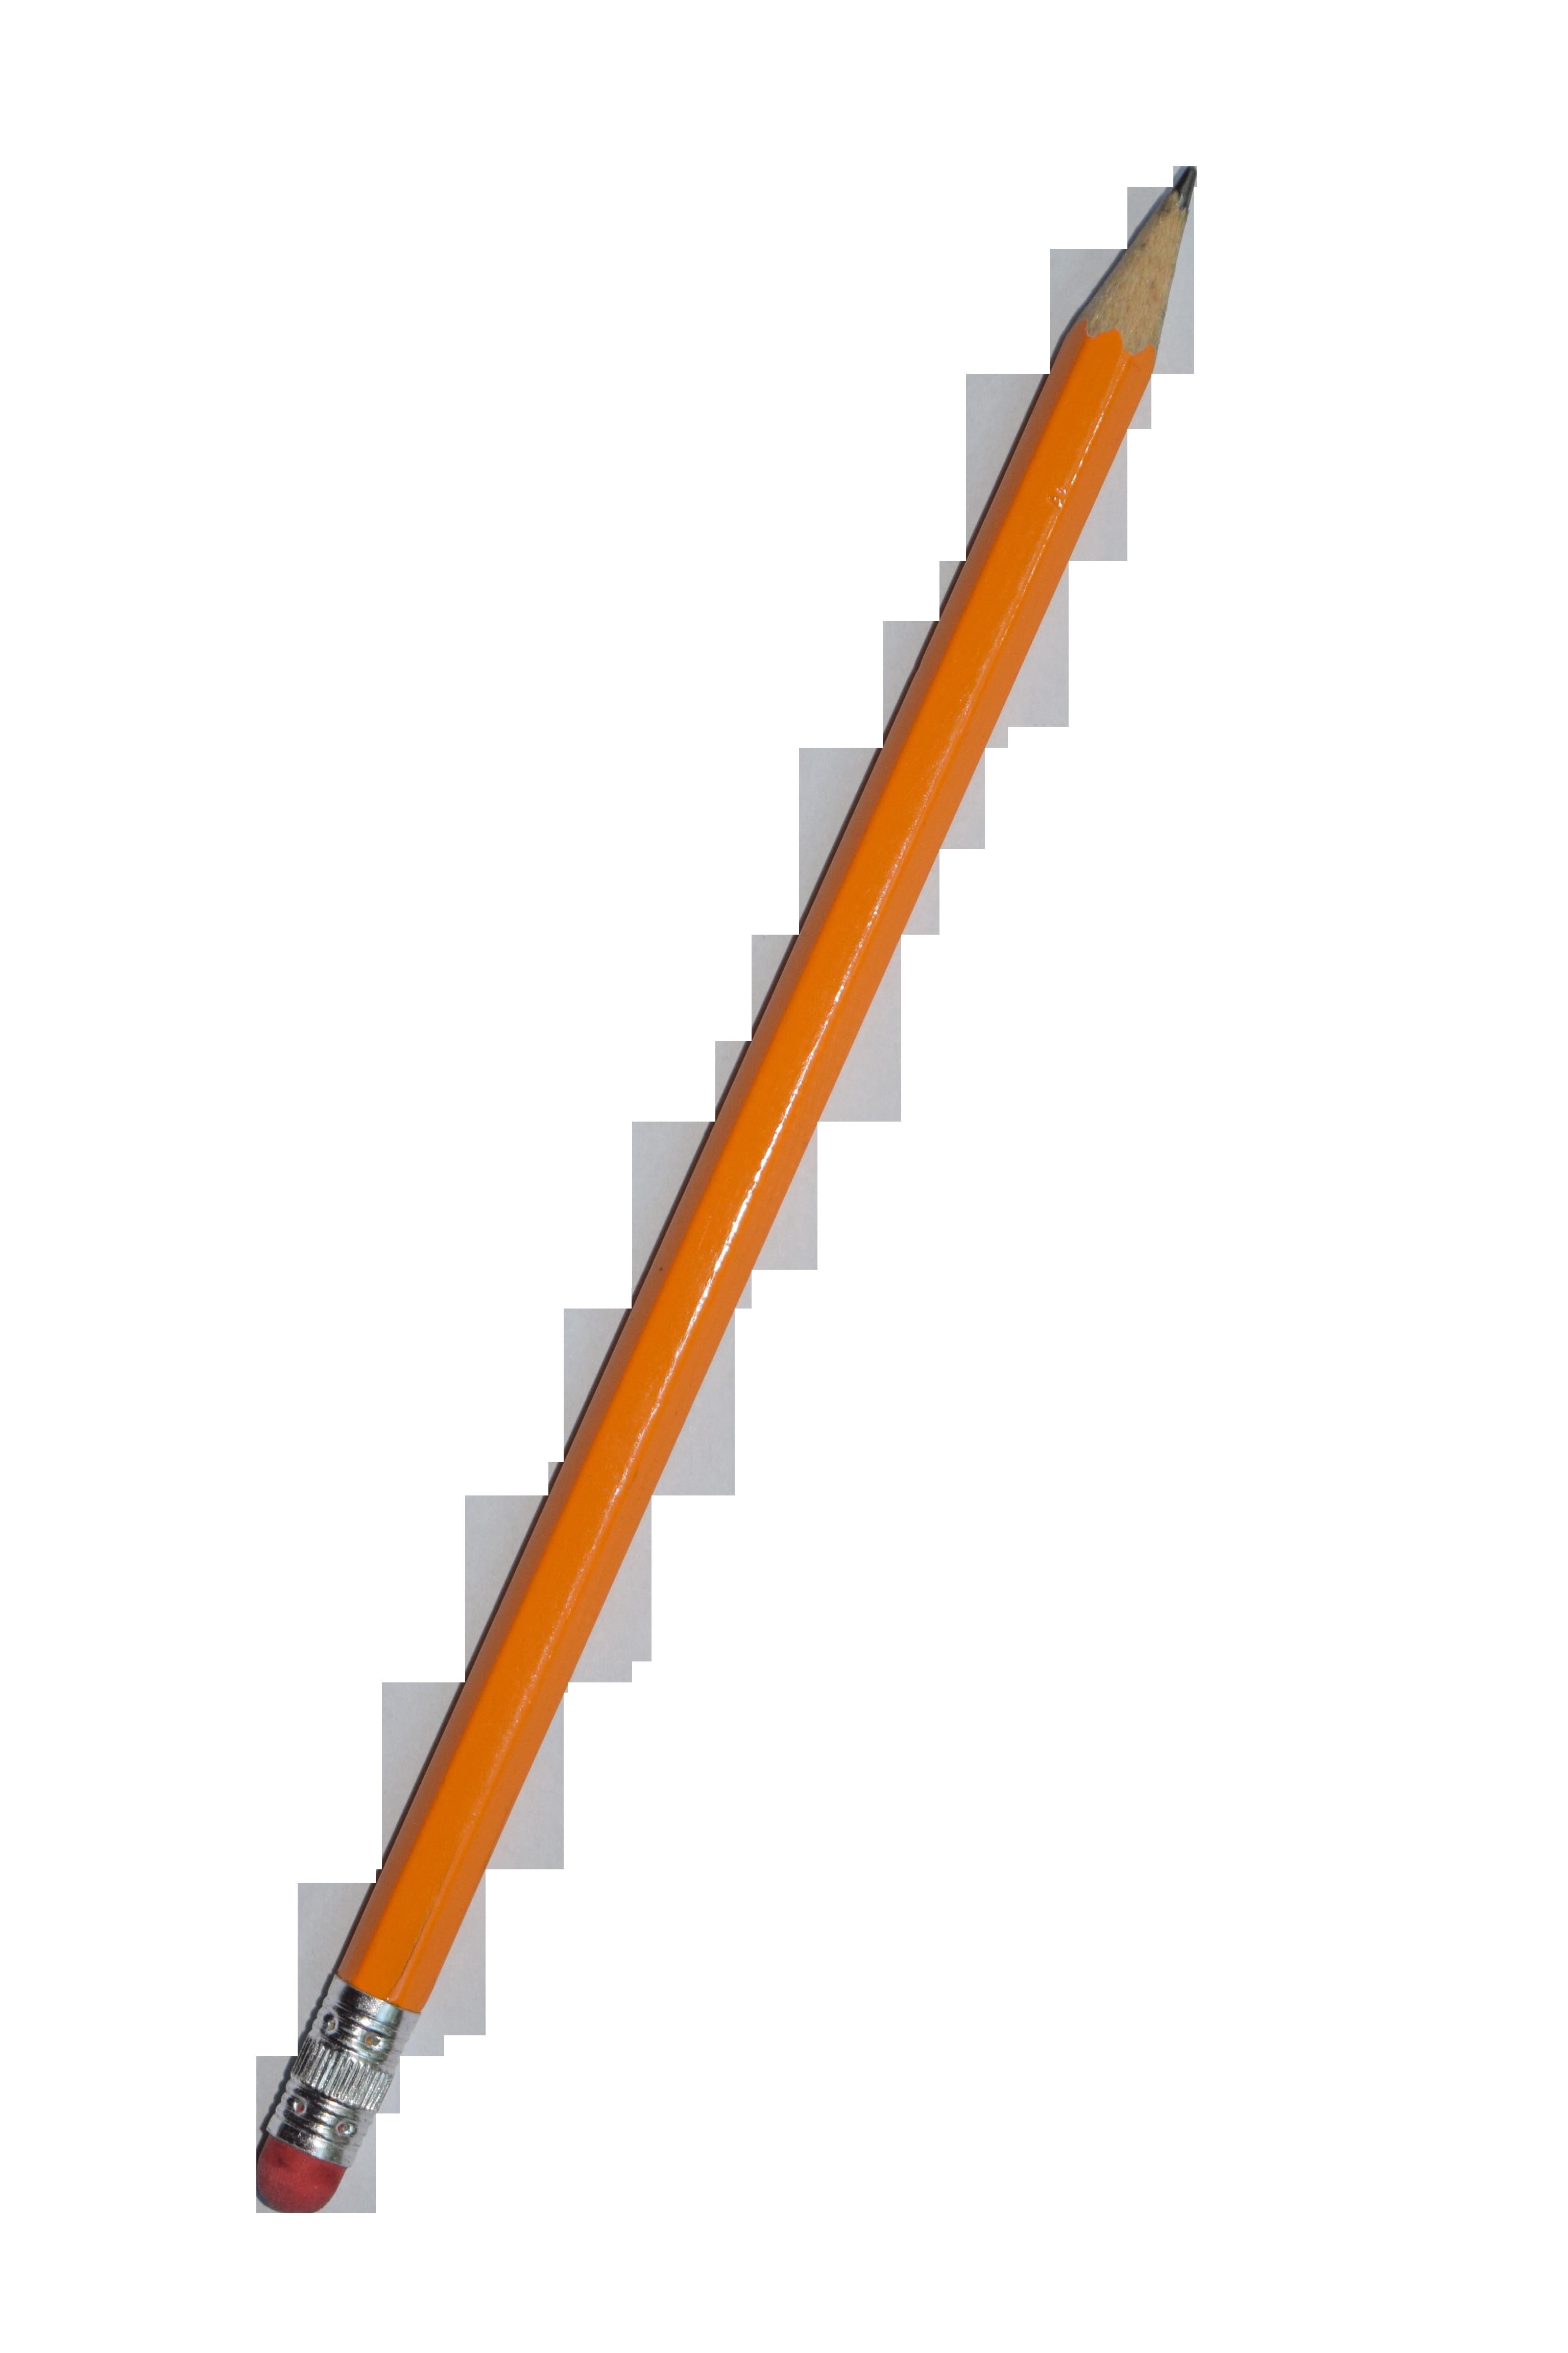 pencil-944533_Clip